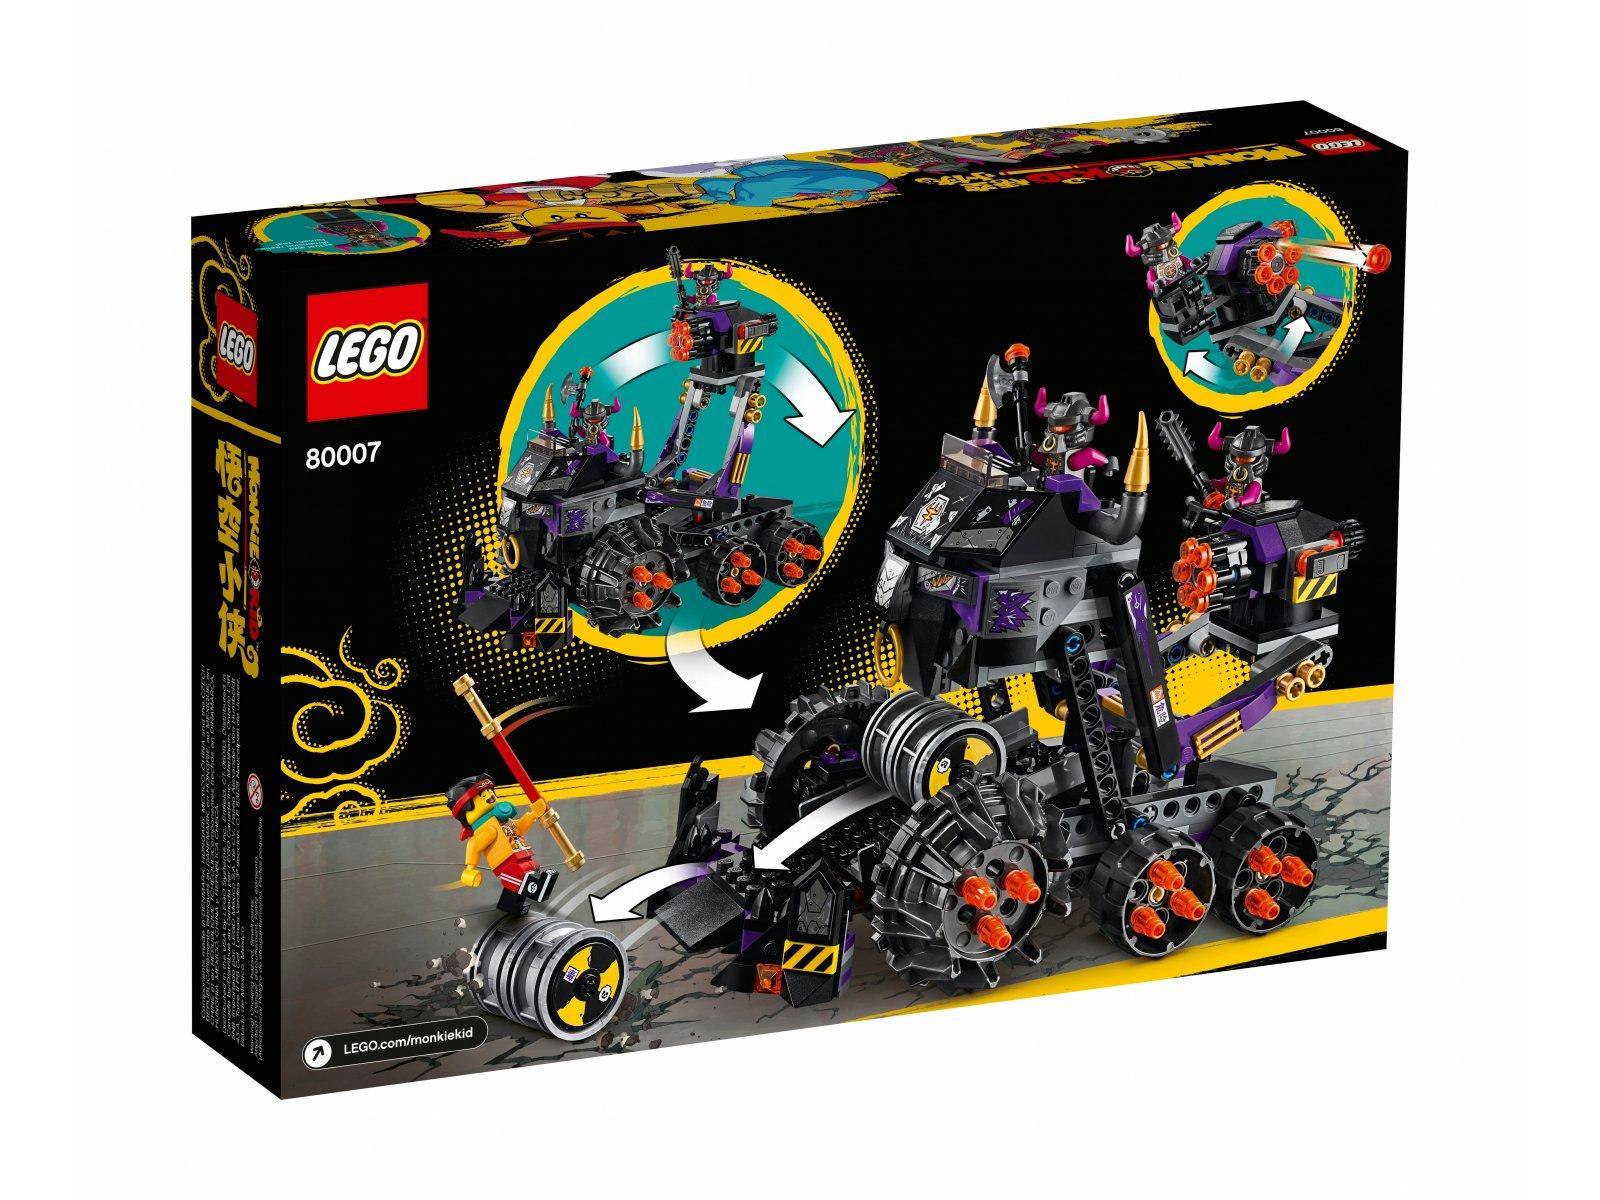 LEGO Monkie Kid Czołg Żelazny Byk 80007